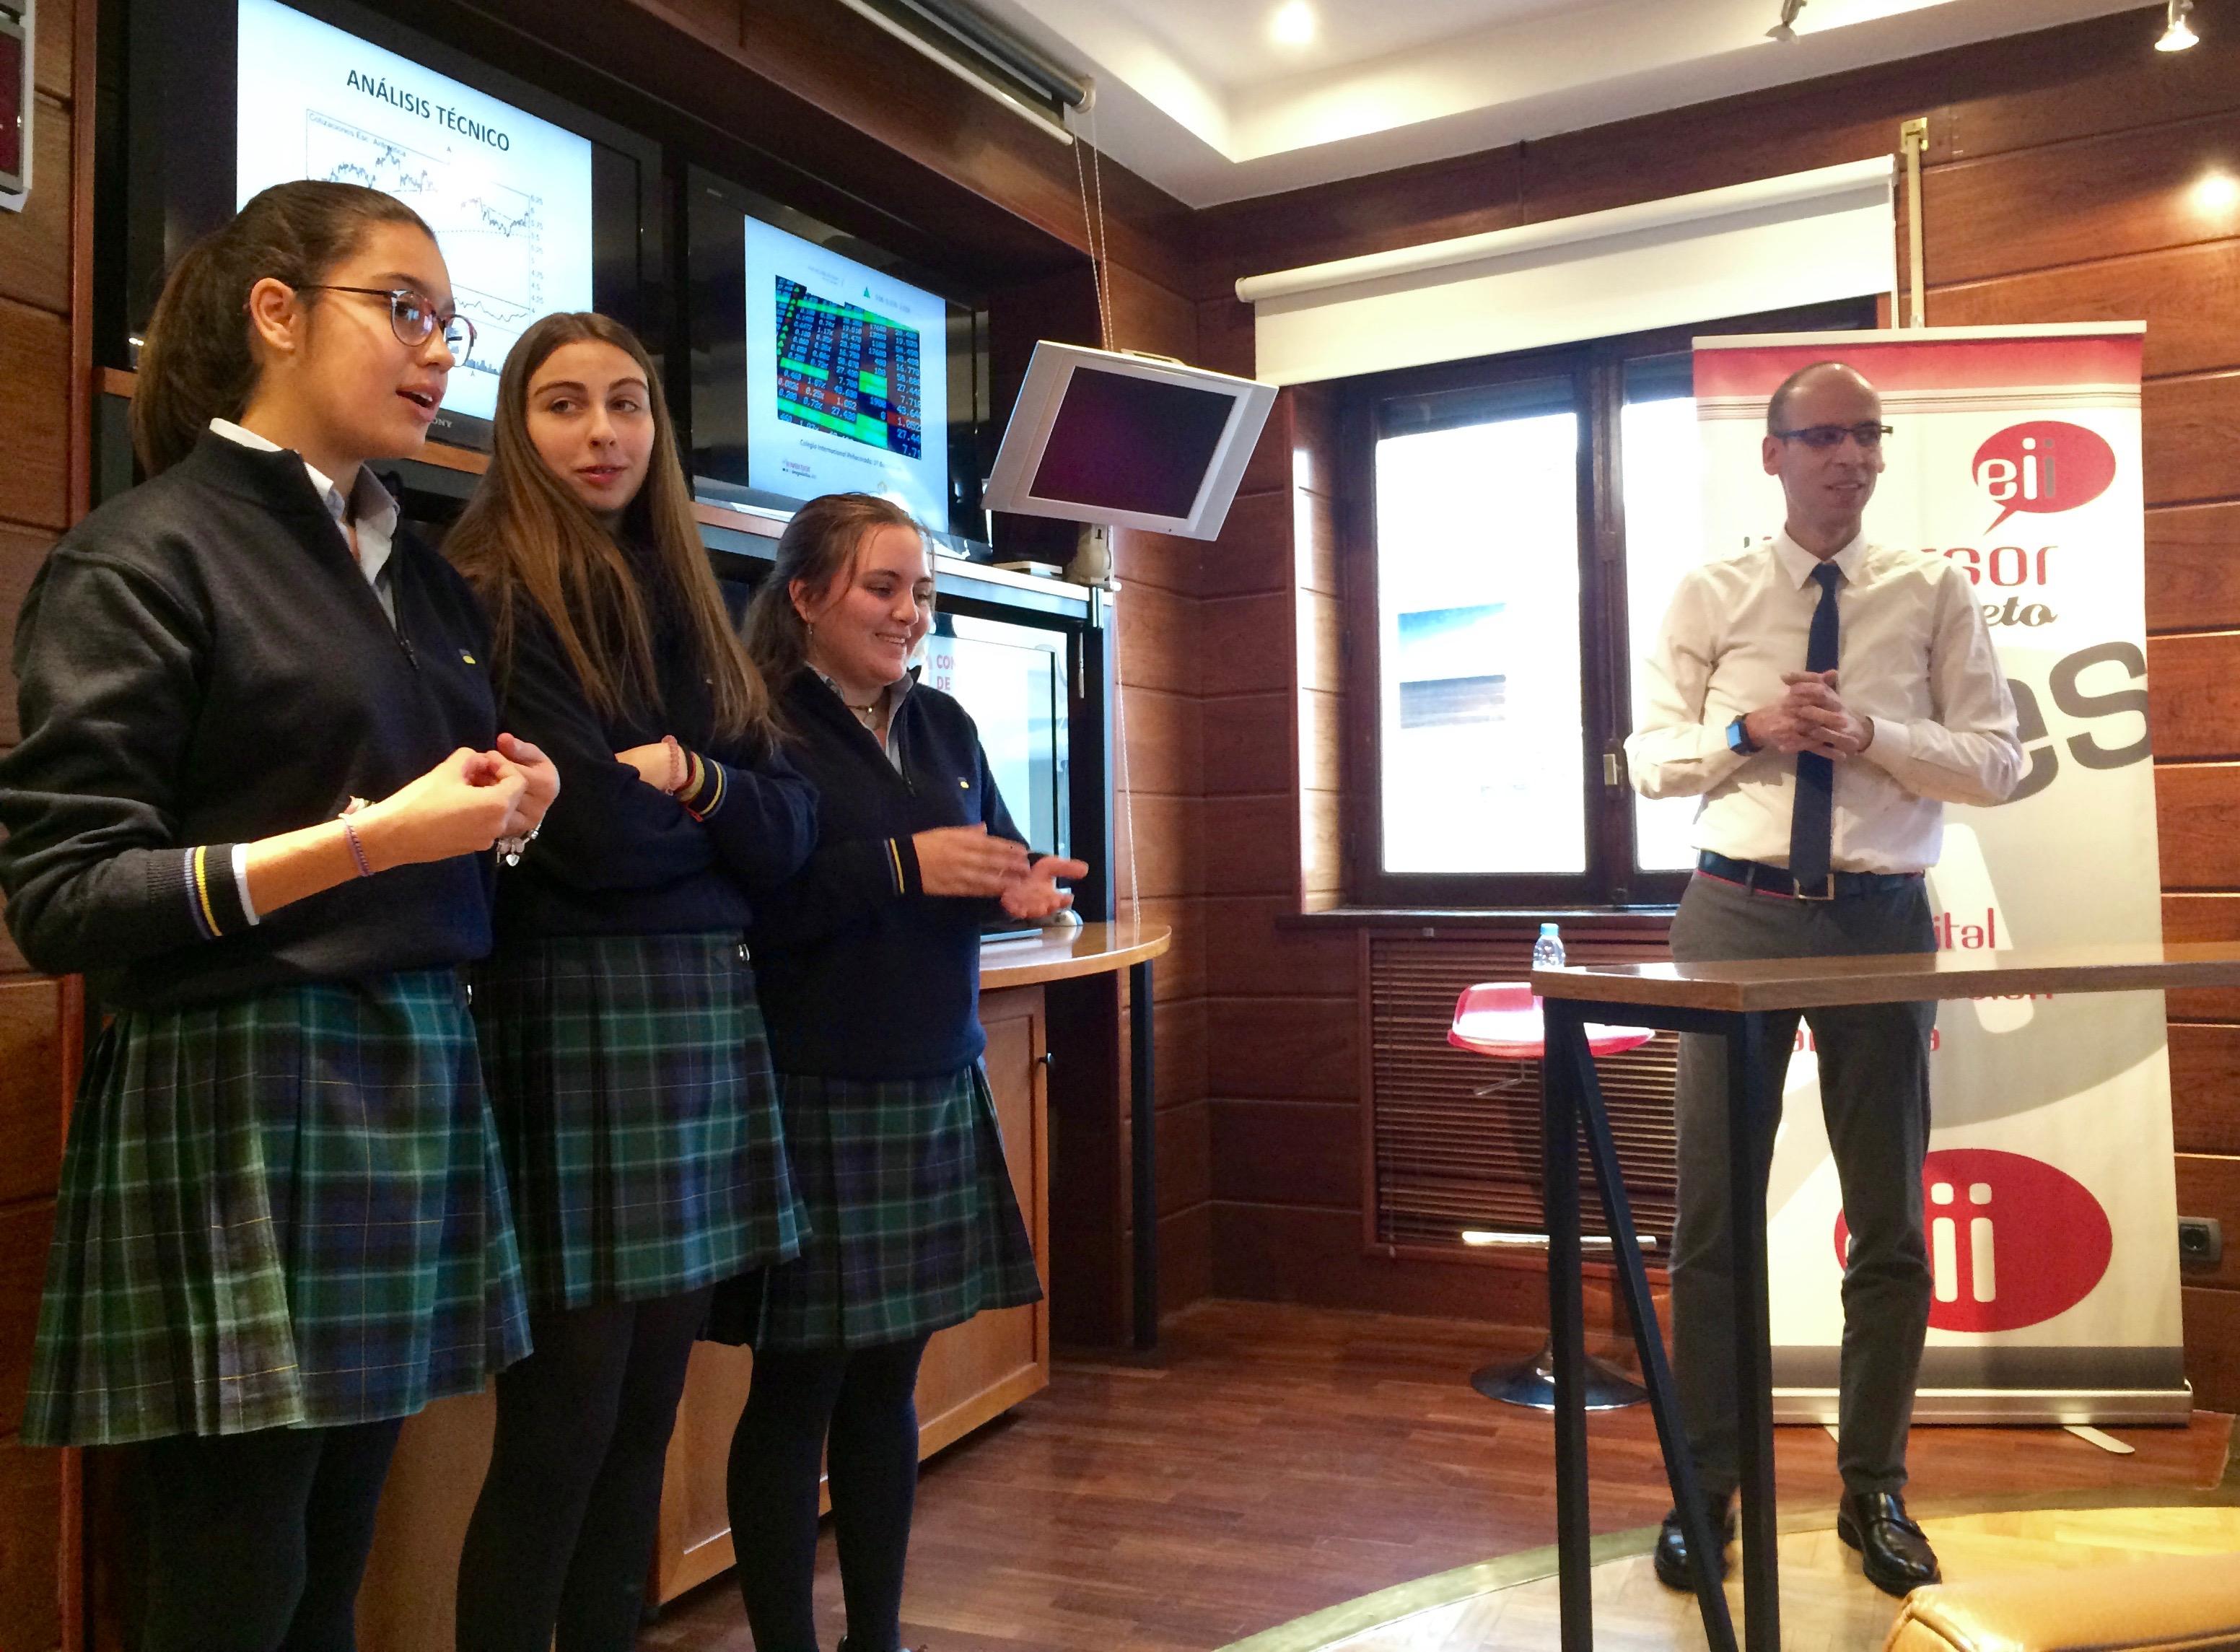 Con los alumnos del Colegio Peñacorada, que participaron activamente en la charla.